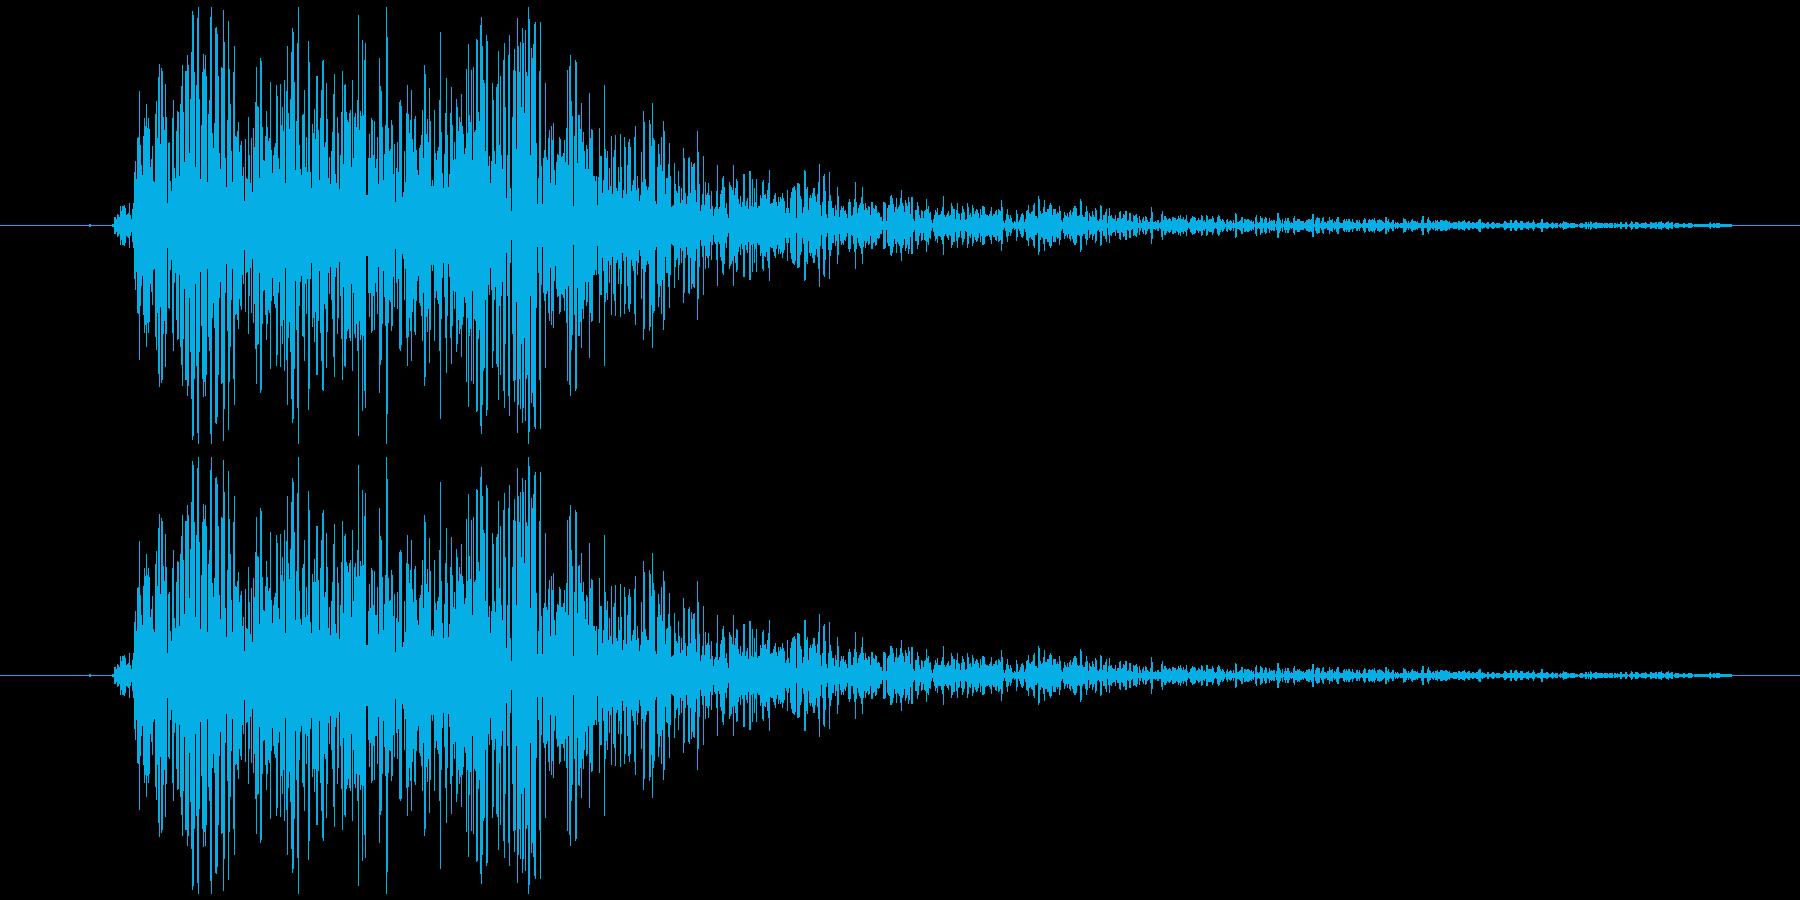 ドン!!(衝撃音、発射音)の再生済みの波形